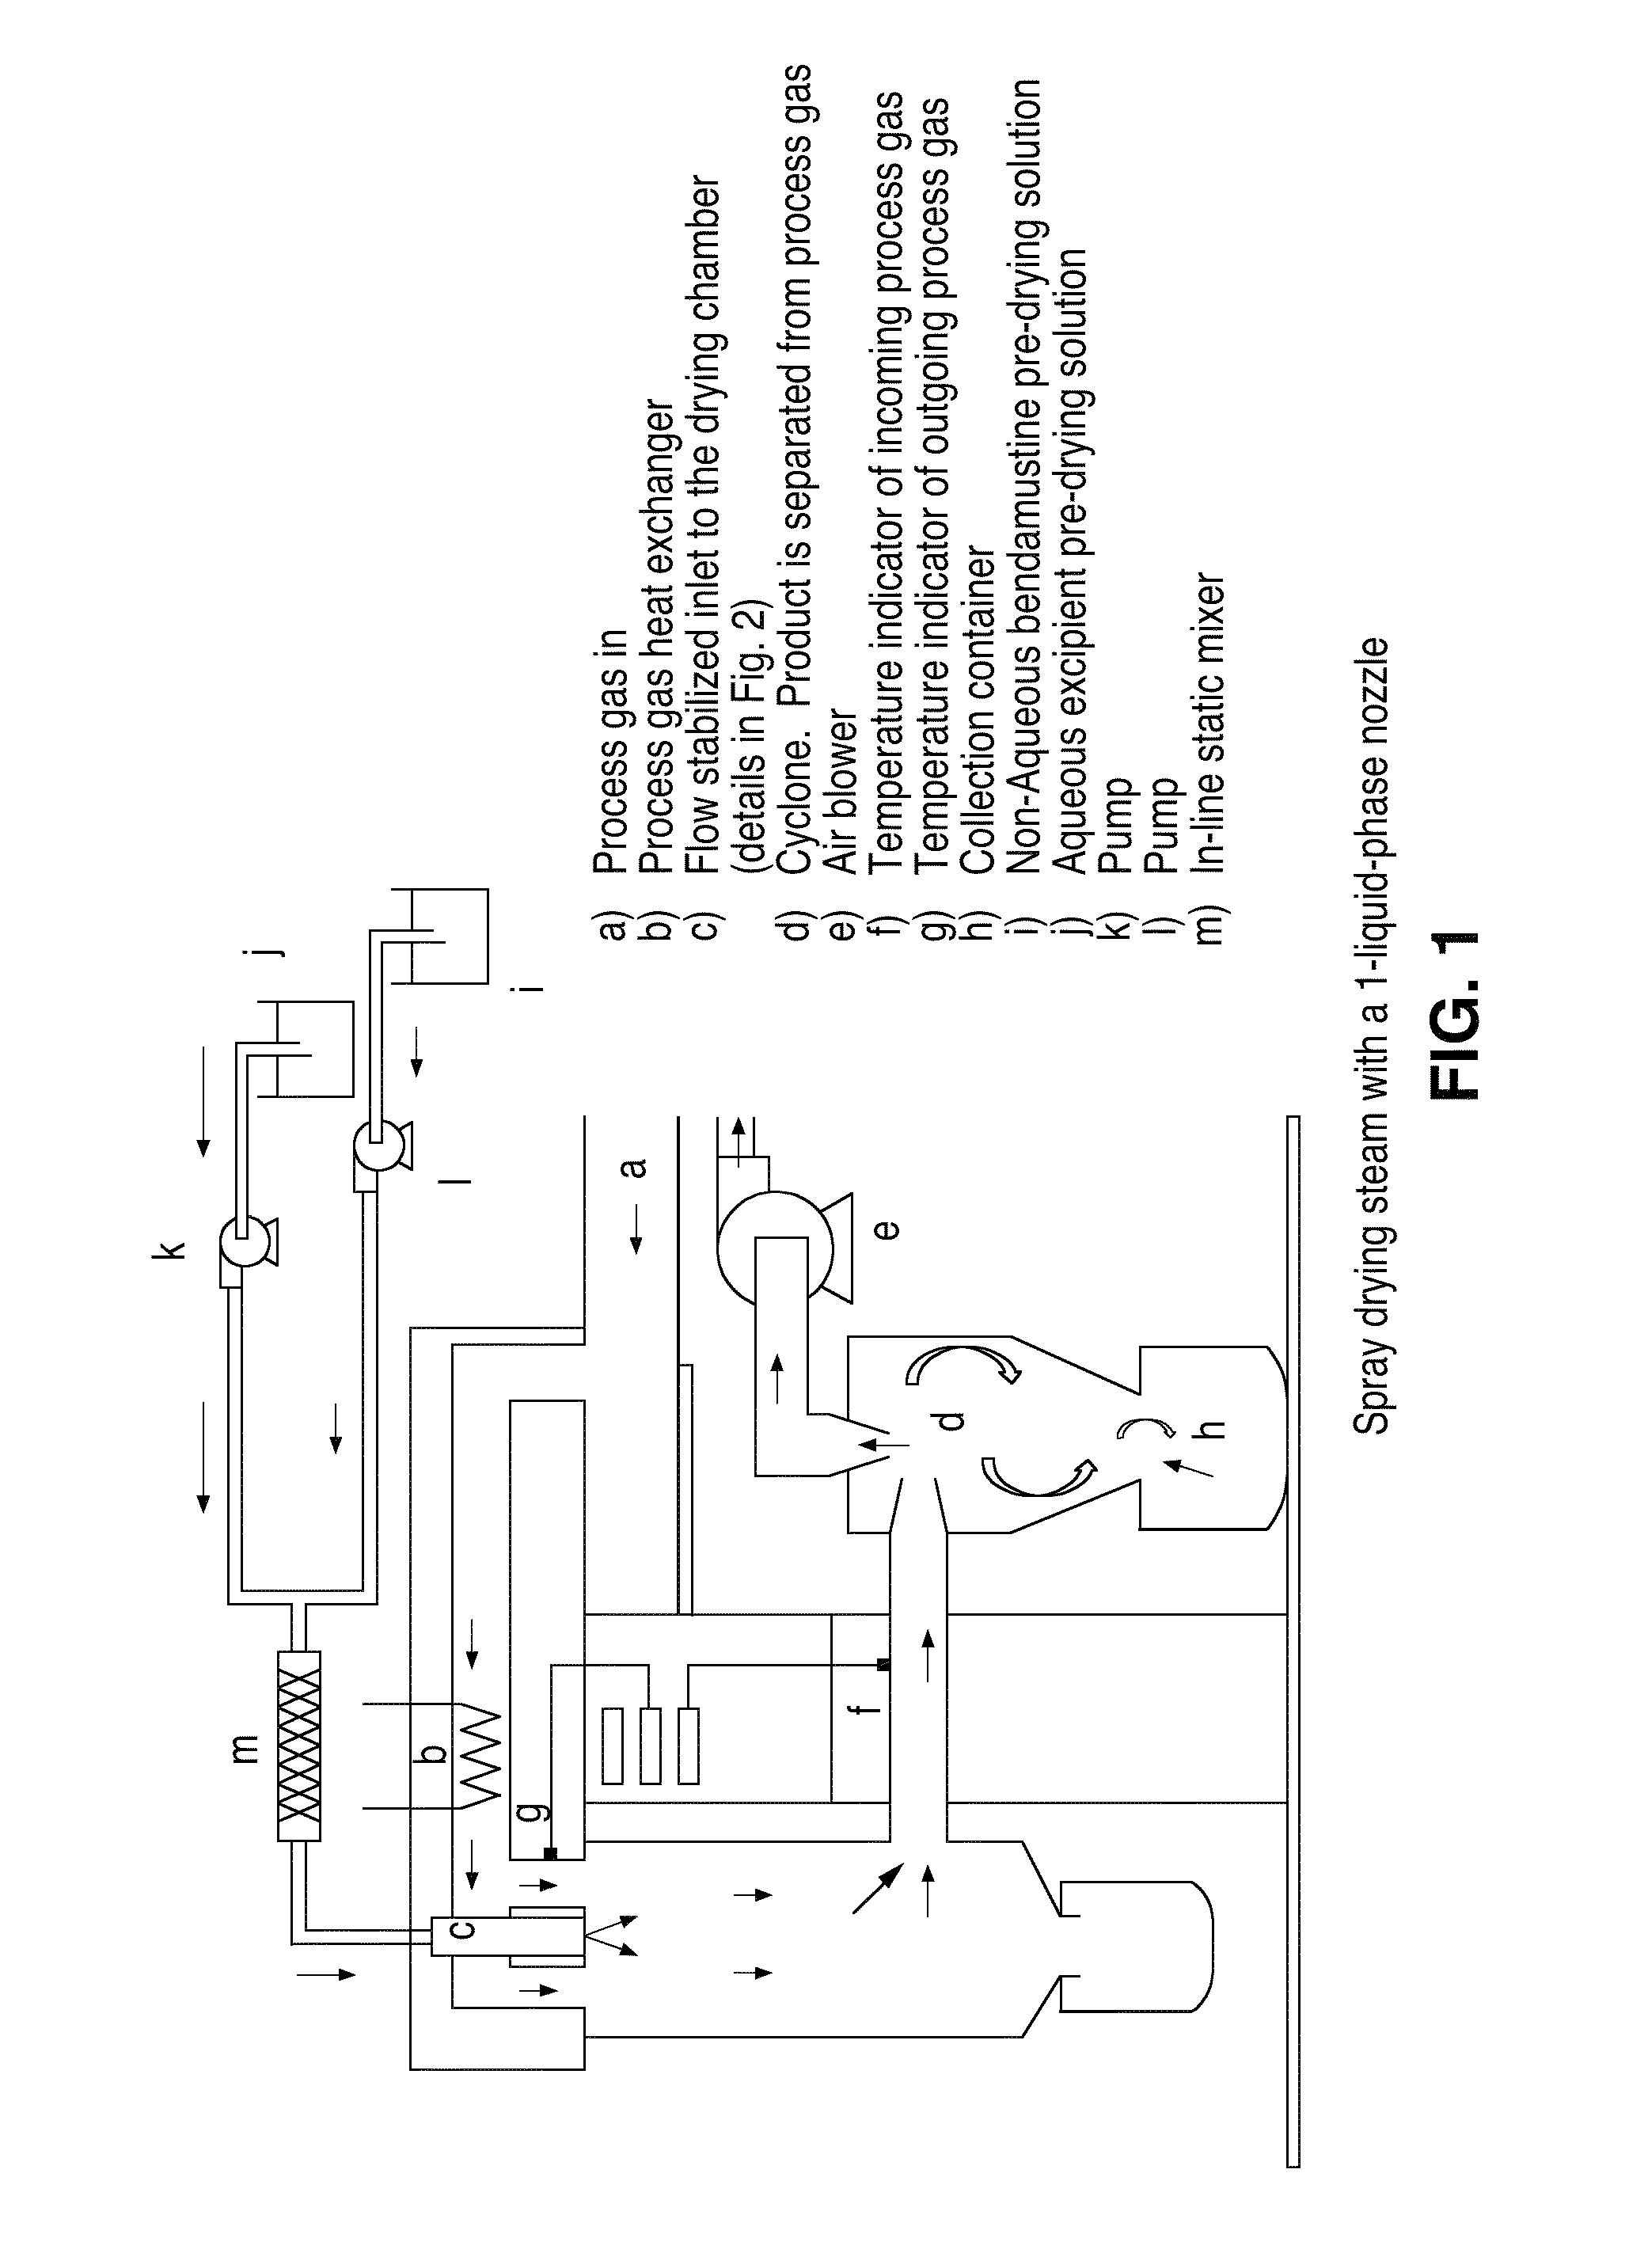 Patent Us 9061011 B1 Temperatureindicatorcircuitjpg